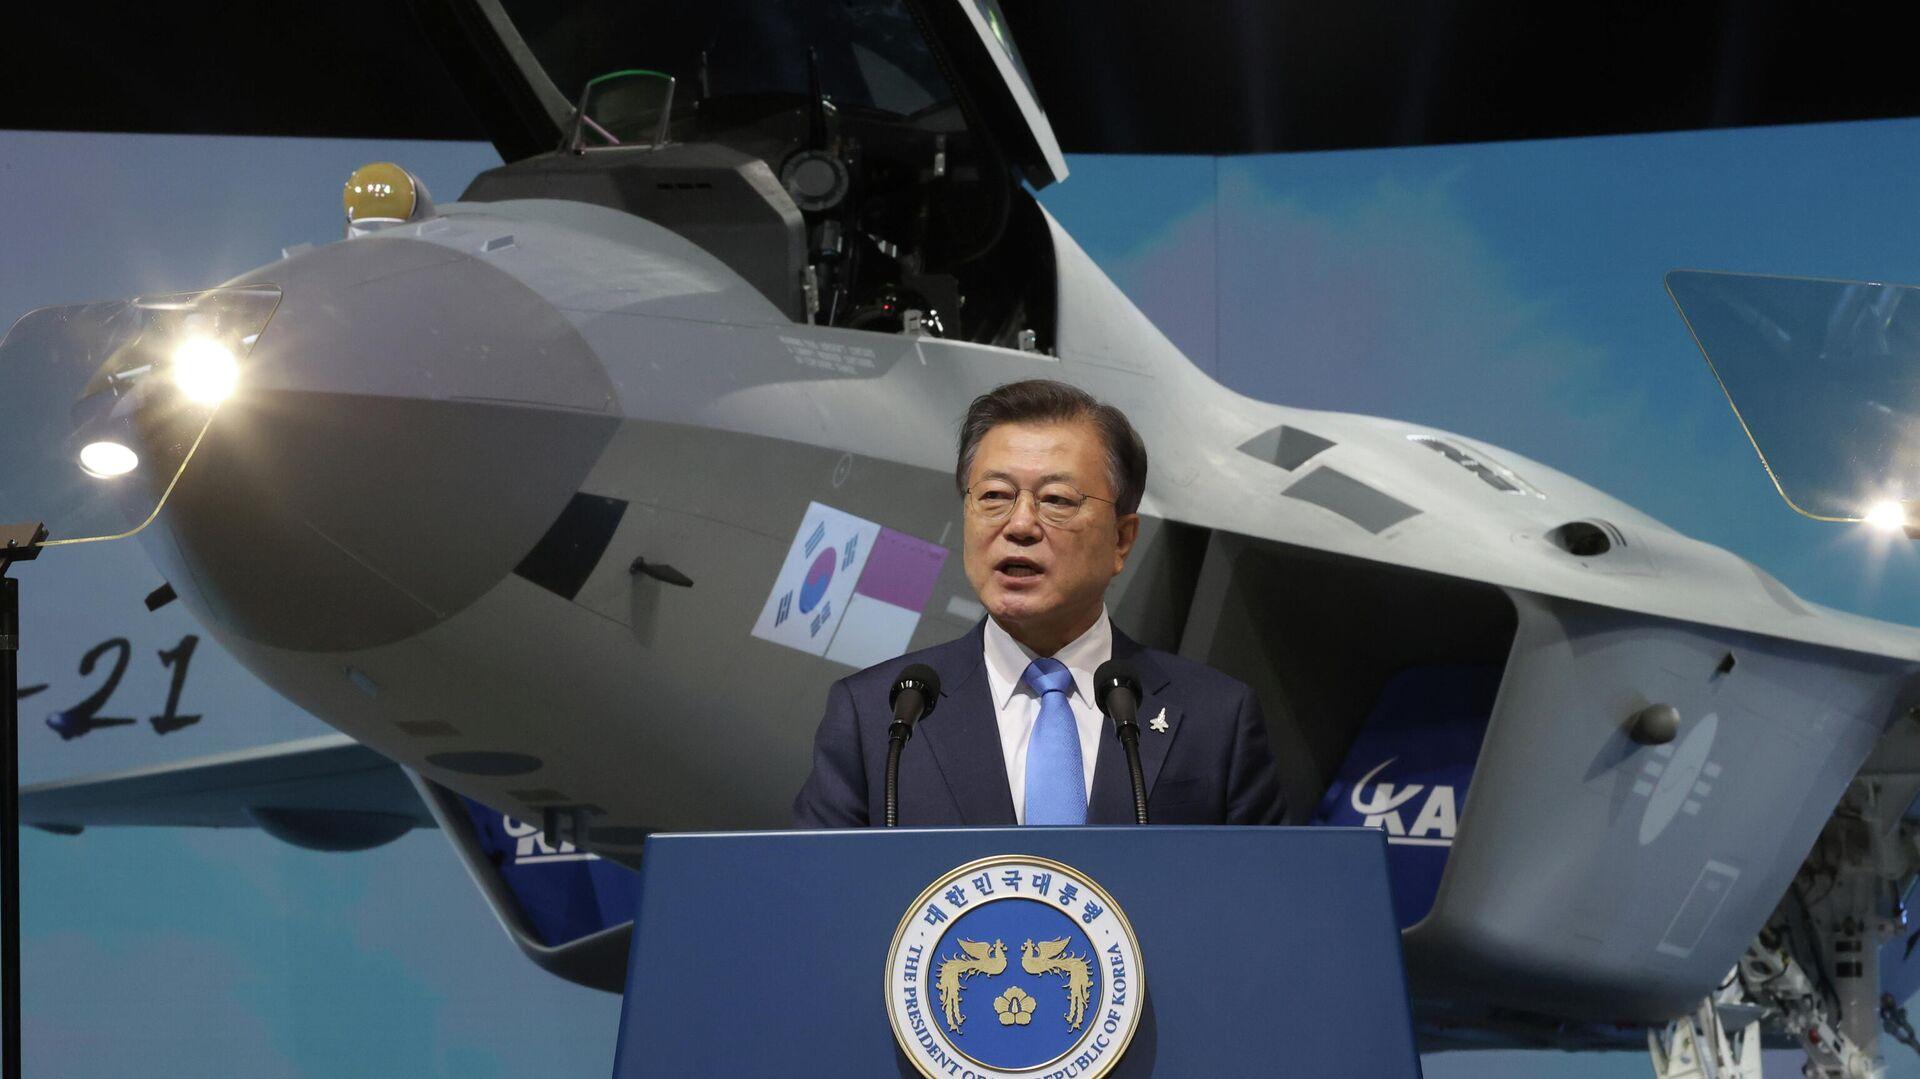 Moon Jae-in, presidente de Corea del Sur, presenta el KF-21, el primer caza de fabricación nacional - Sputnik Mundo, 1920, 10.04.2021